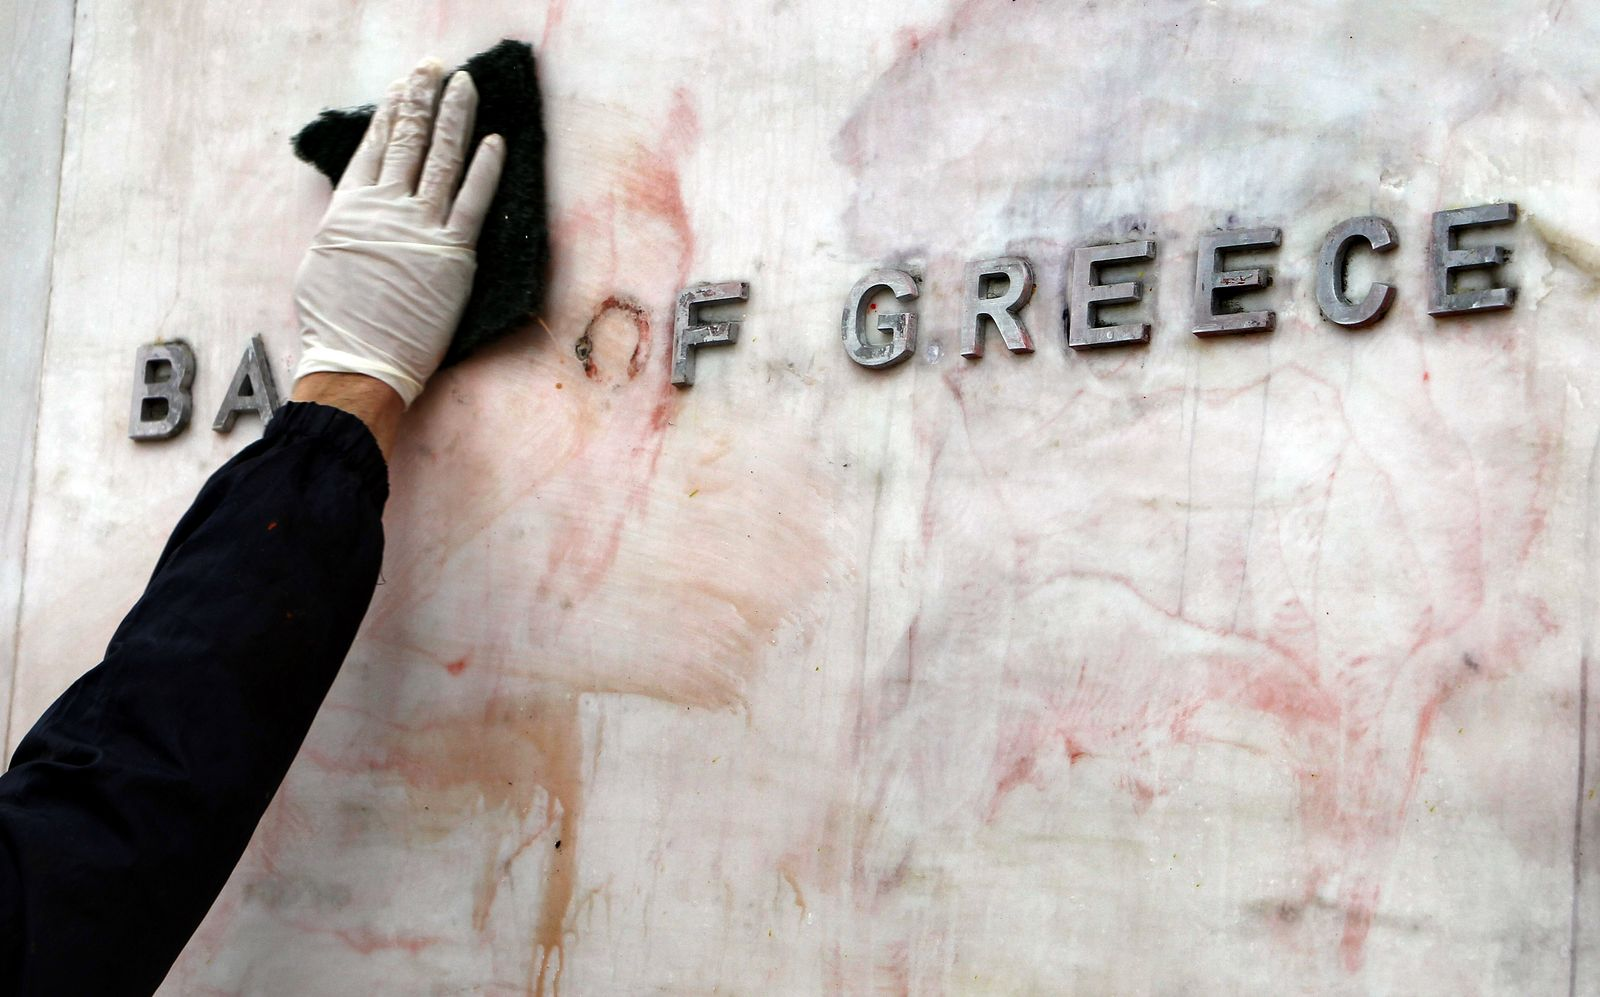 Griechenland / krise / Bank